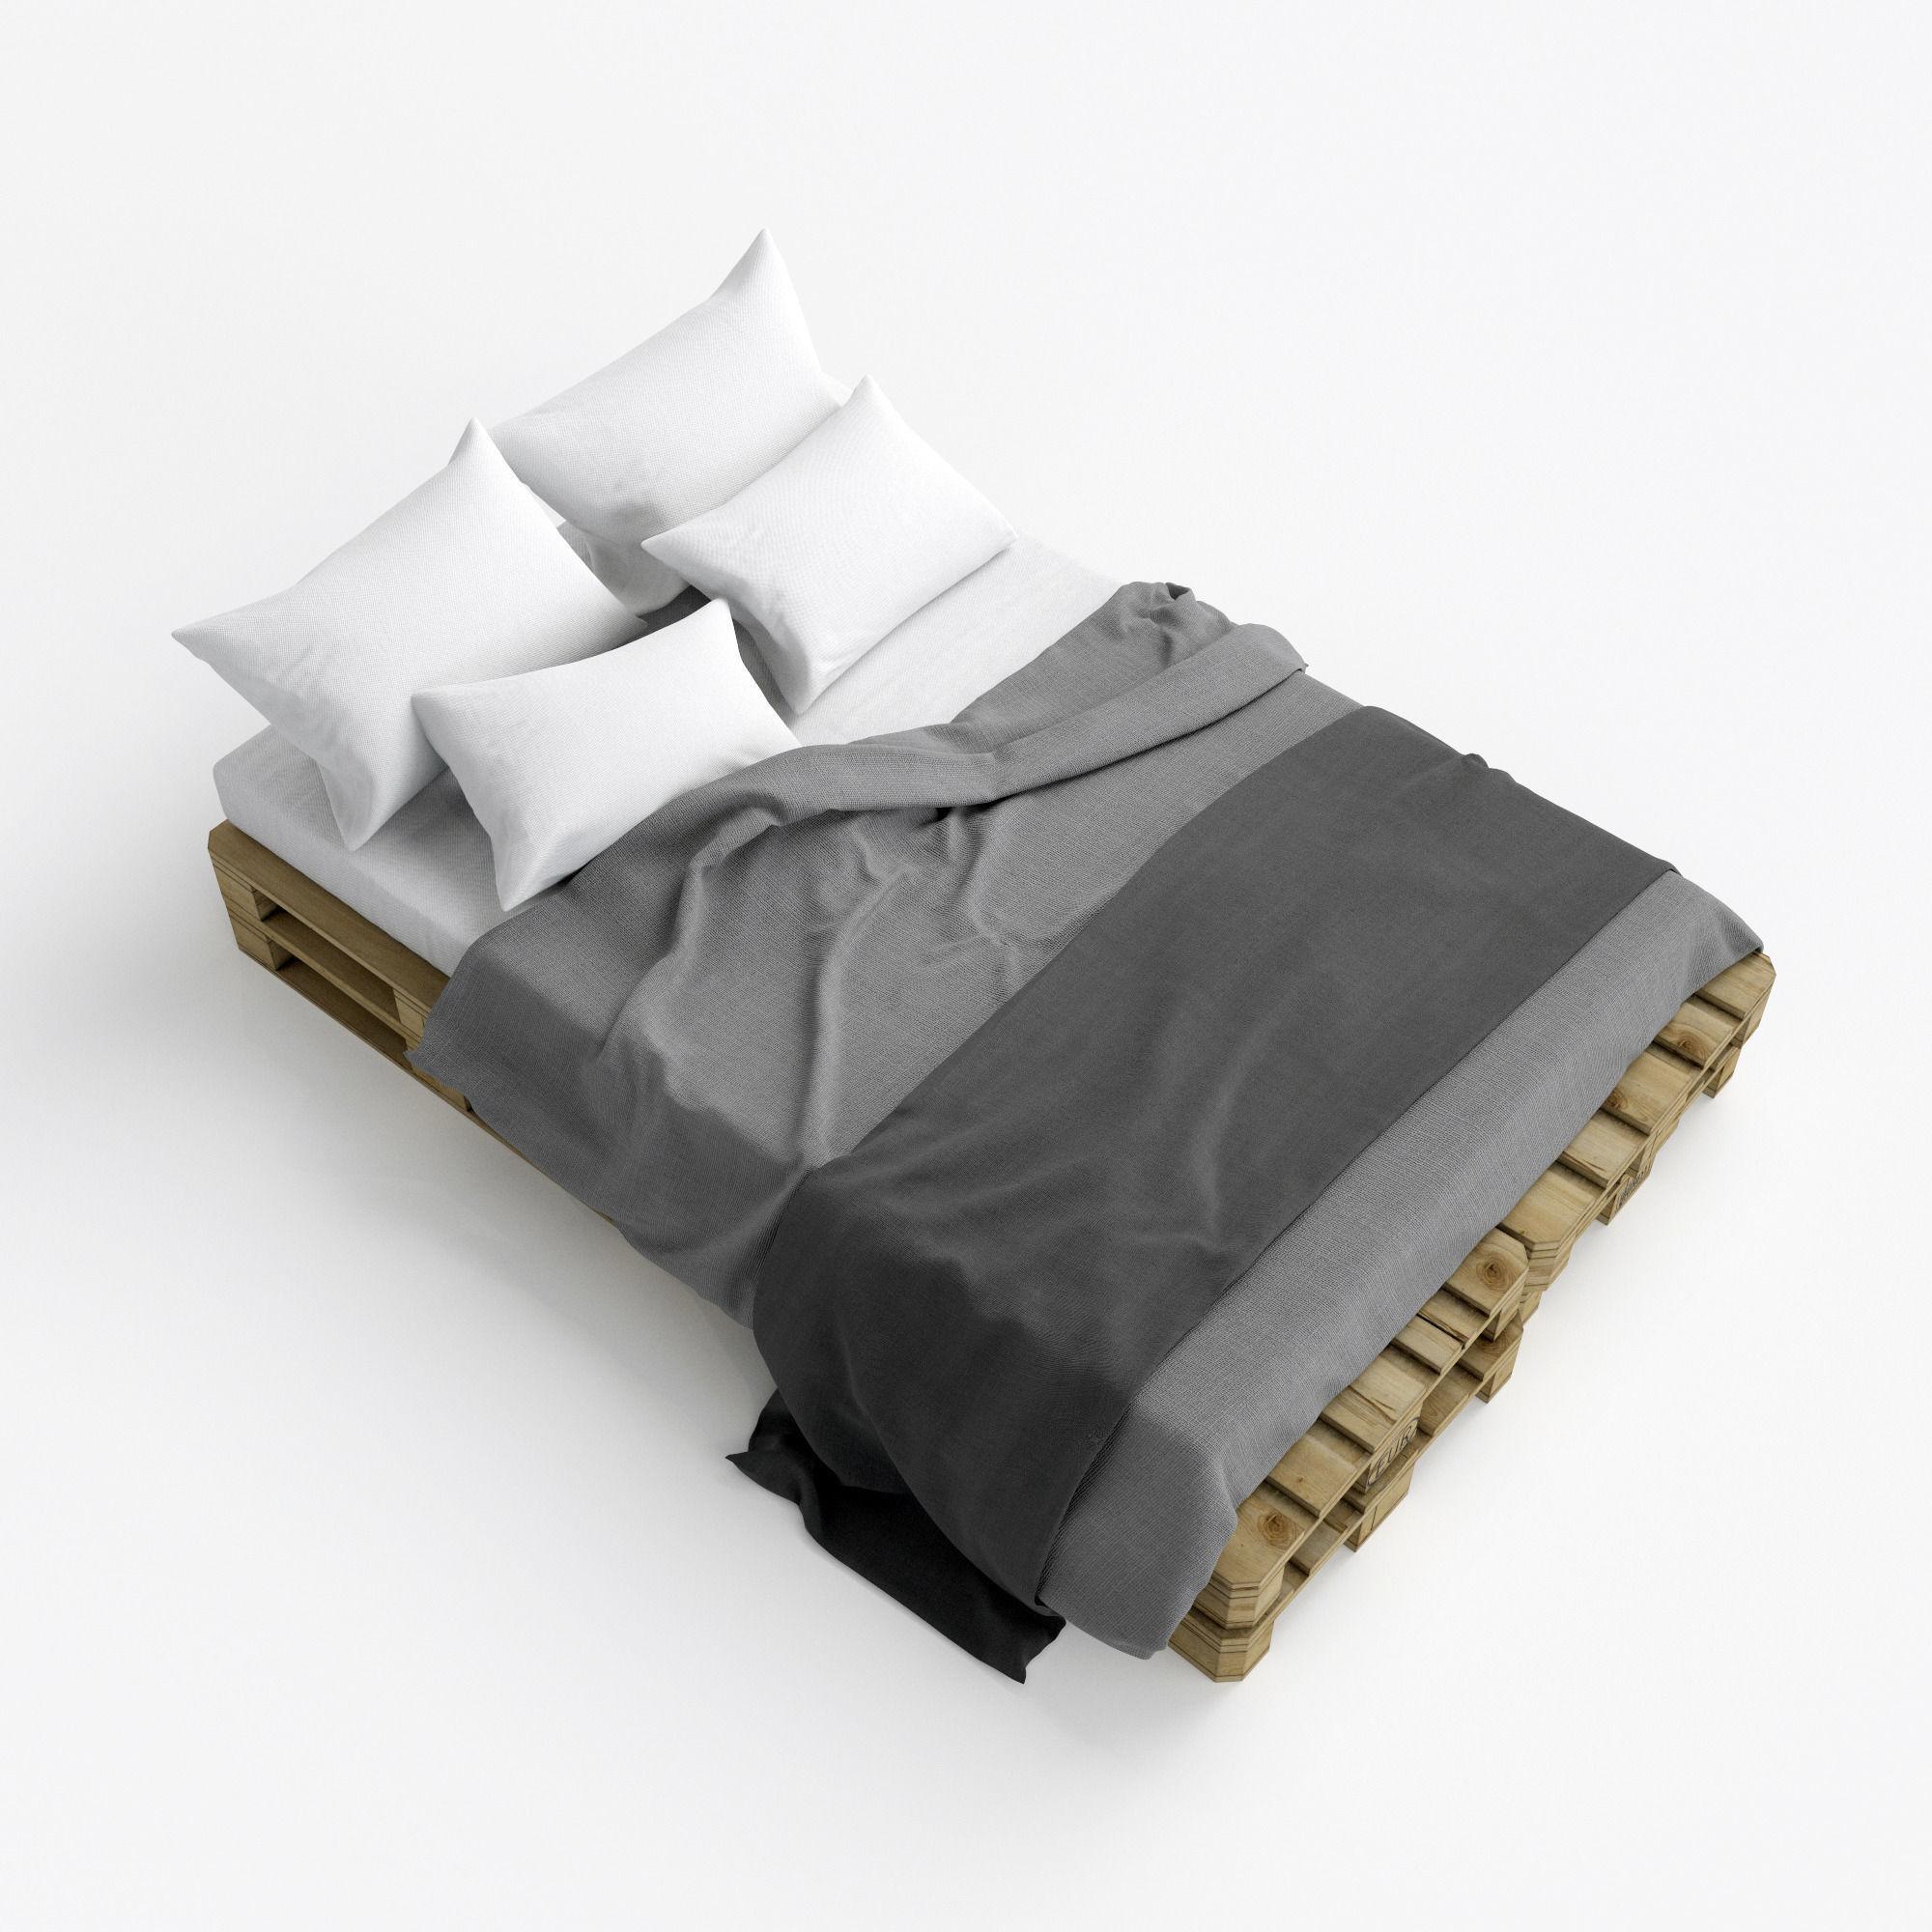 Pallete bed free 3d model max obj fbx for 3ds max bed model